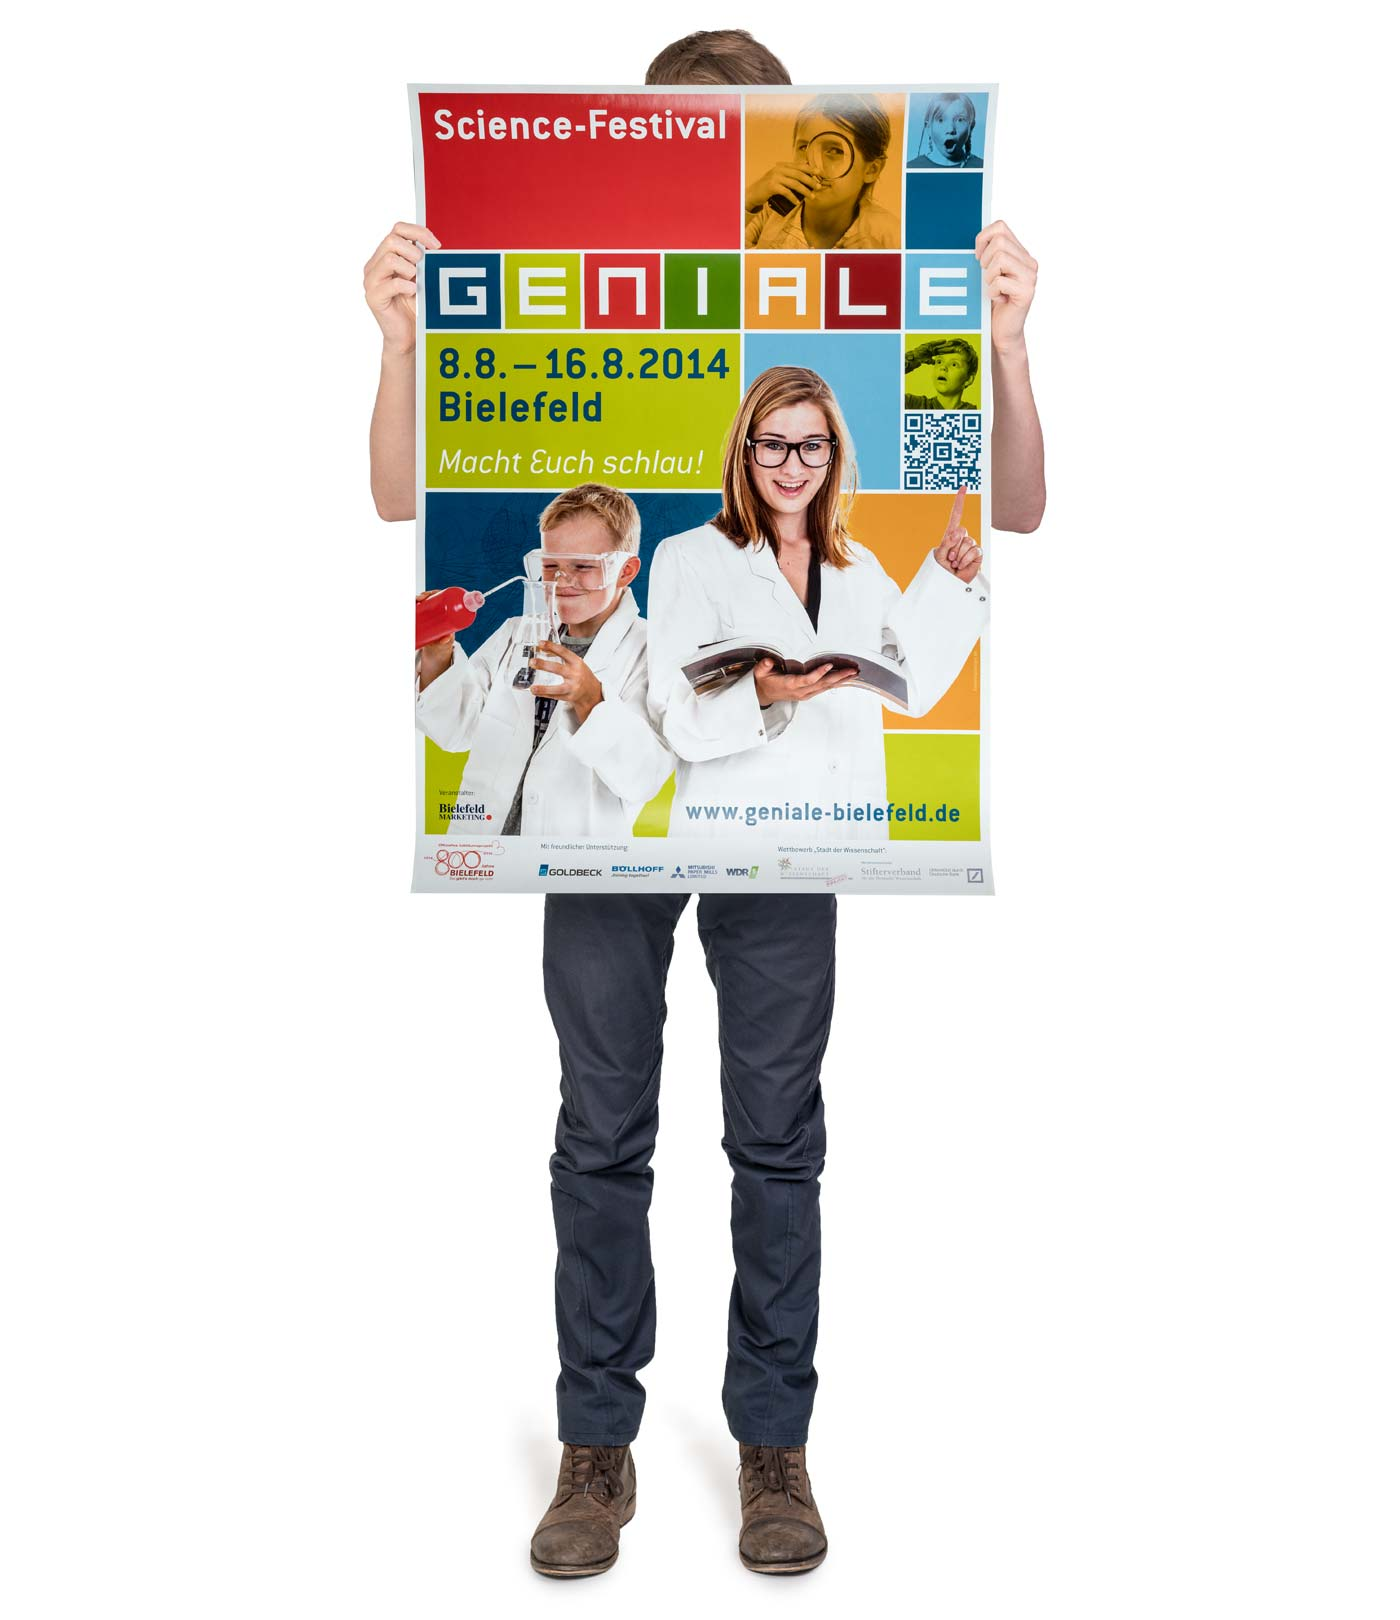 GENIALE Bielefeld Poster